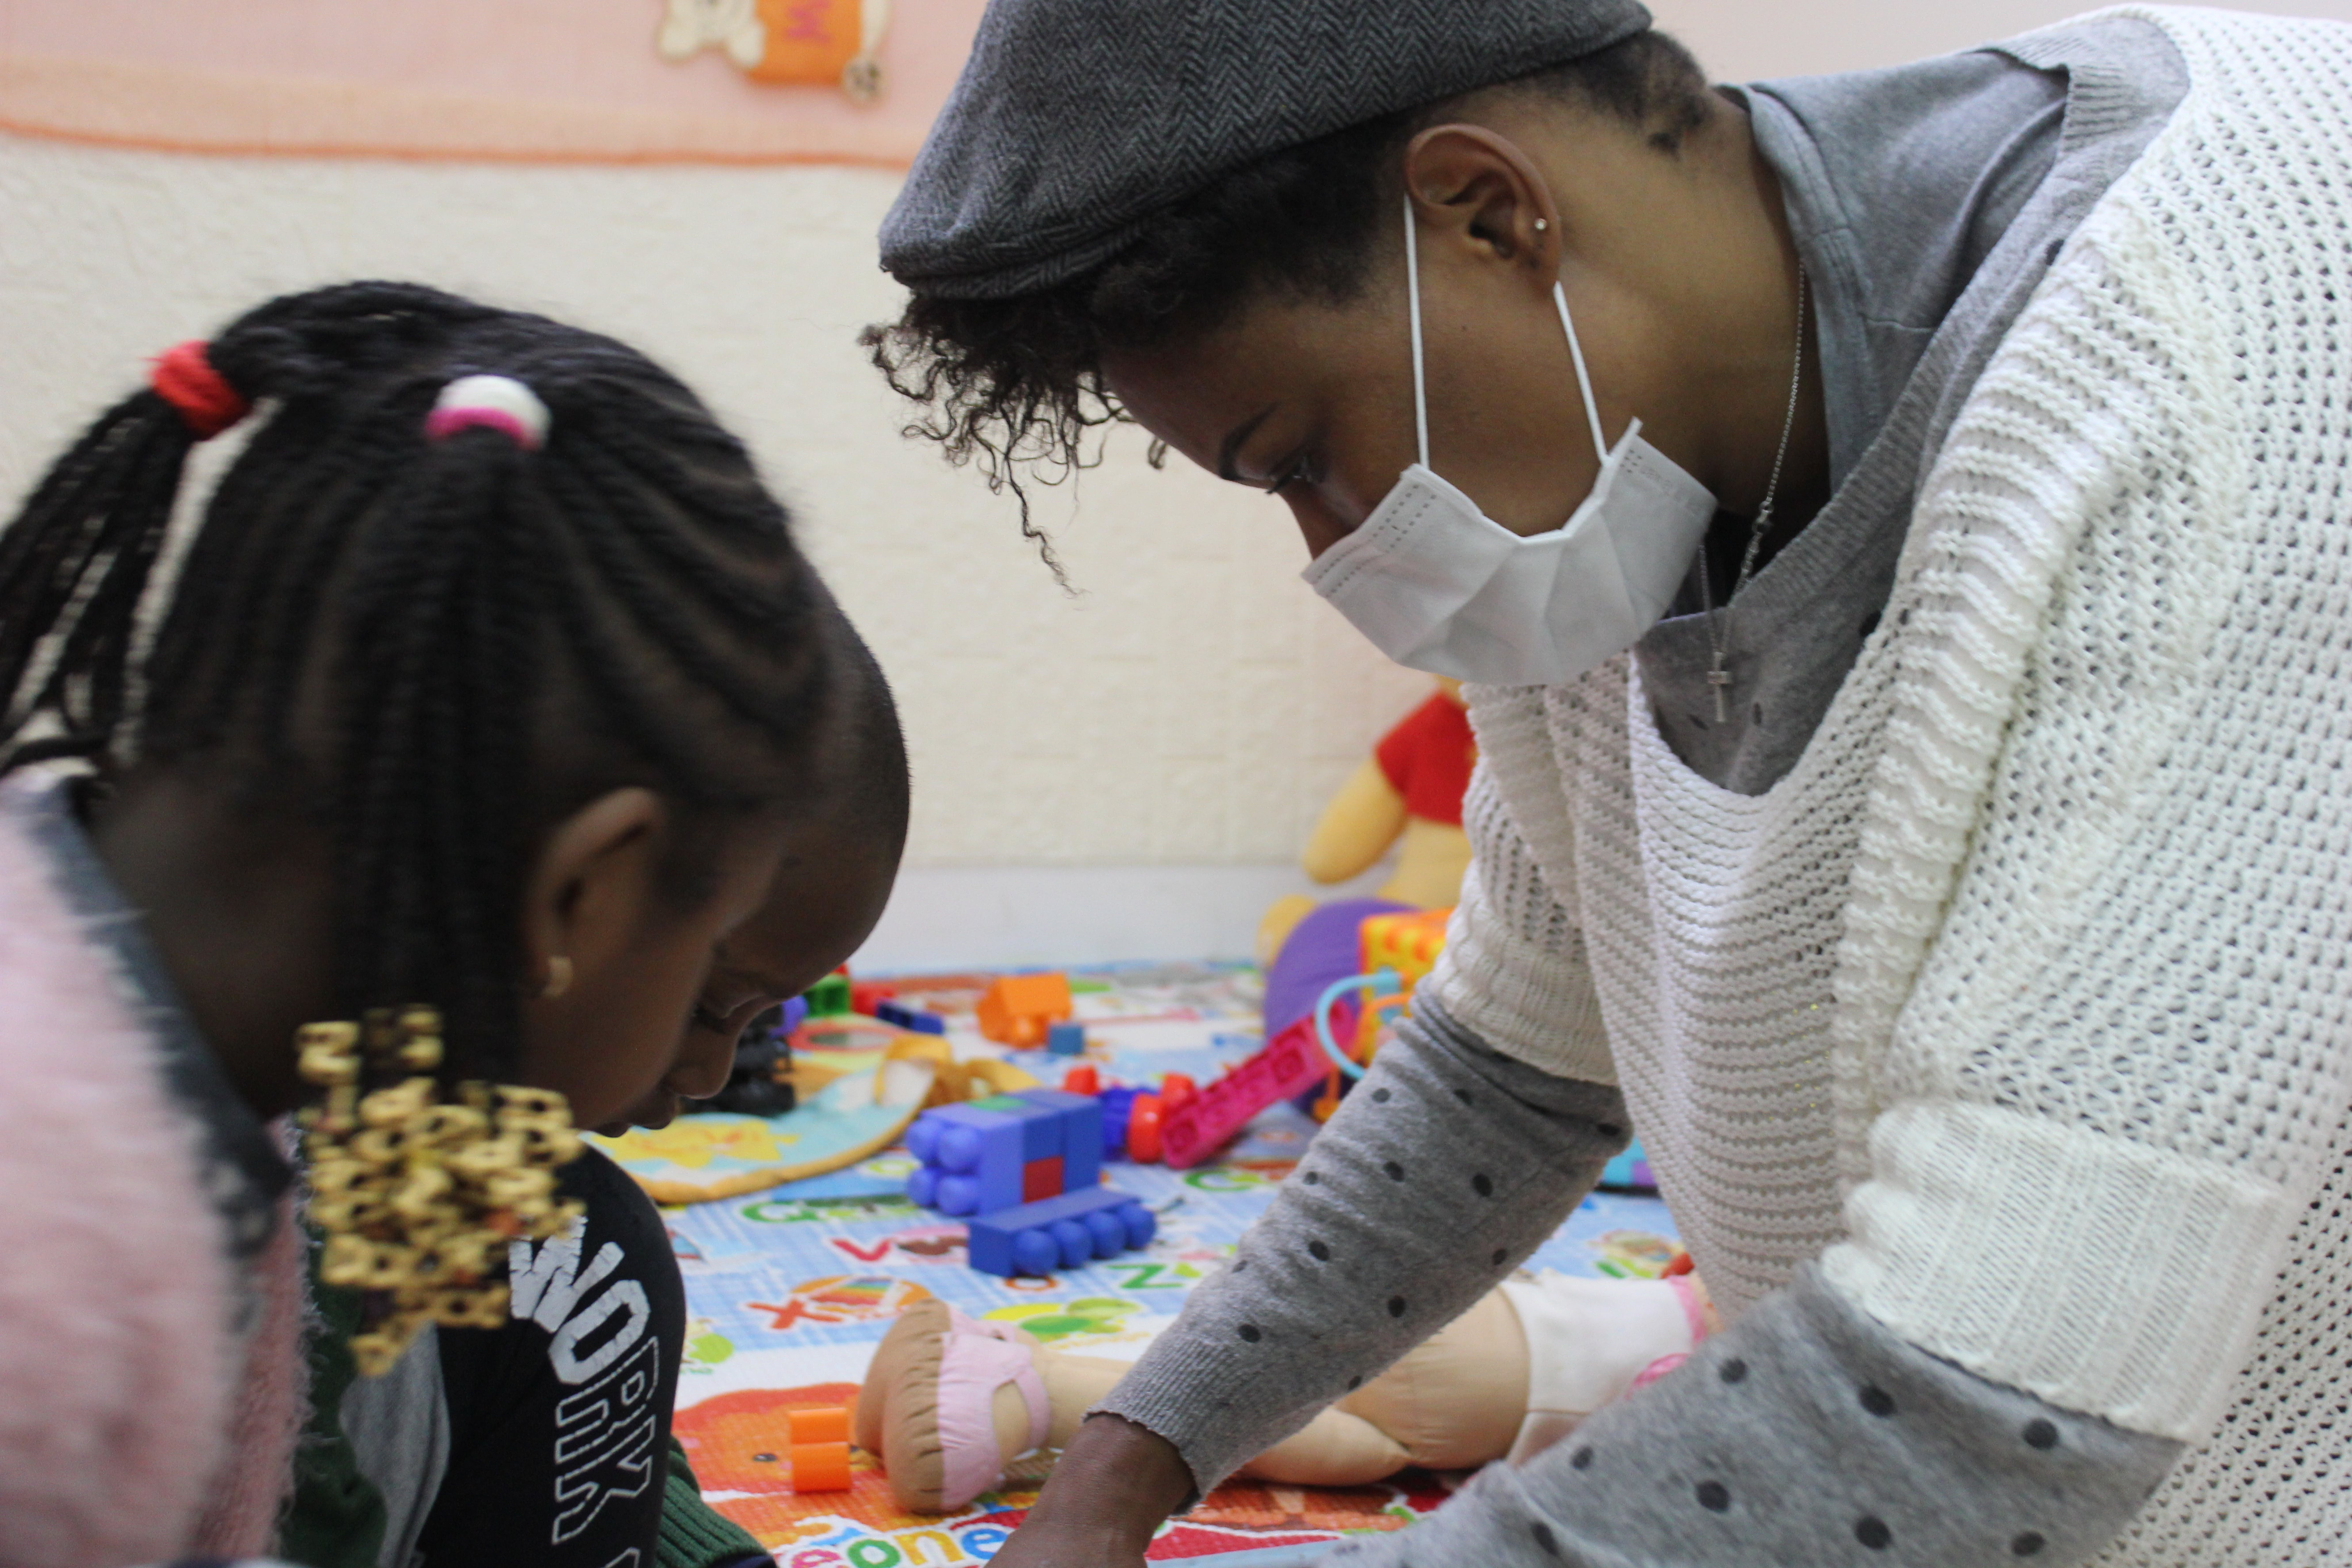 Deborah nello spazio bimbi del Women and girls safe space supportato dall'UNICEF